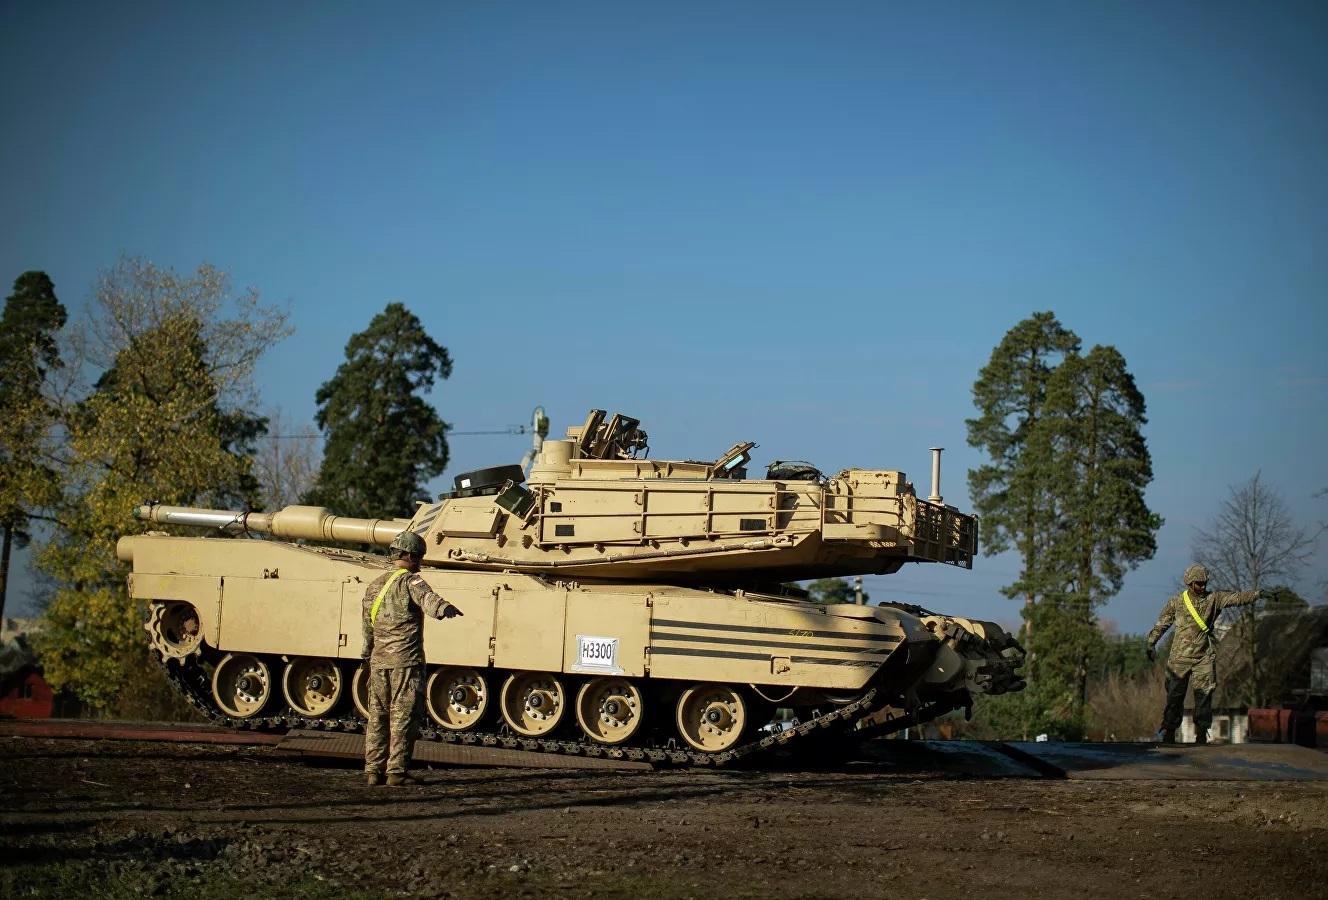 انطلاق تدريبات عسكرية بمشاركة دول الناتو في لاتفيا